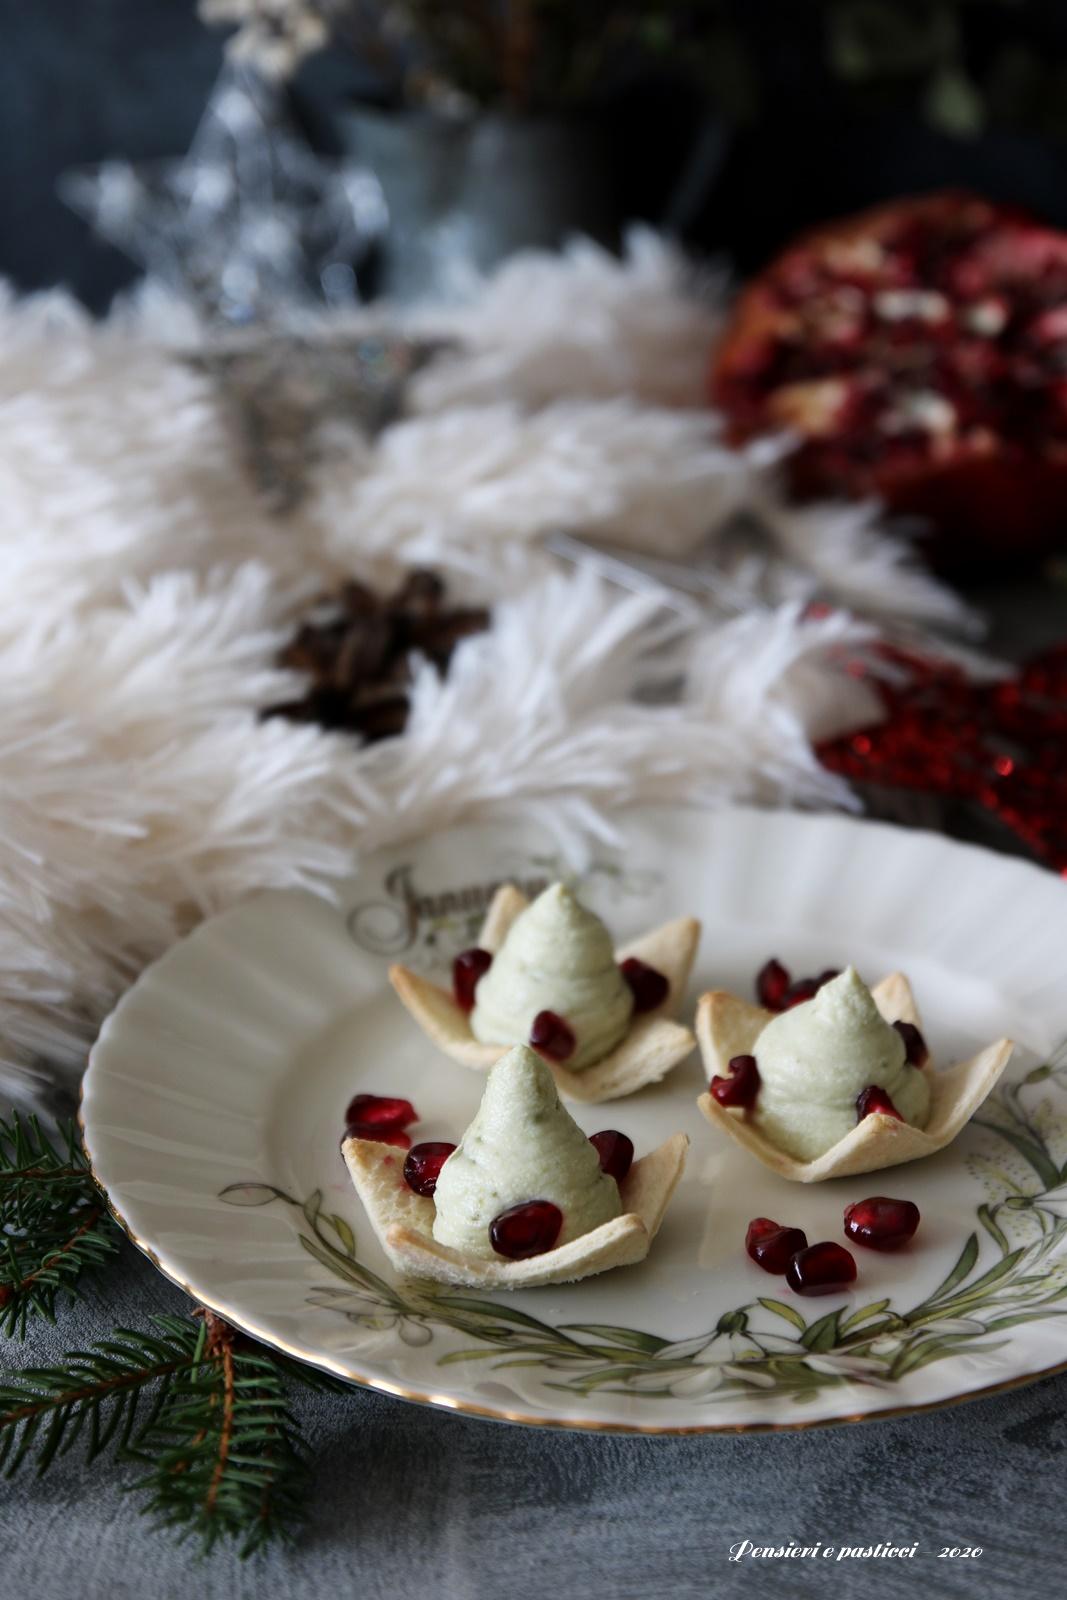 alberelli dolci finger food al pistacchio e melagrana